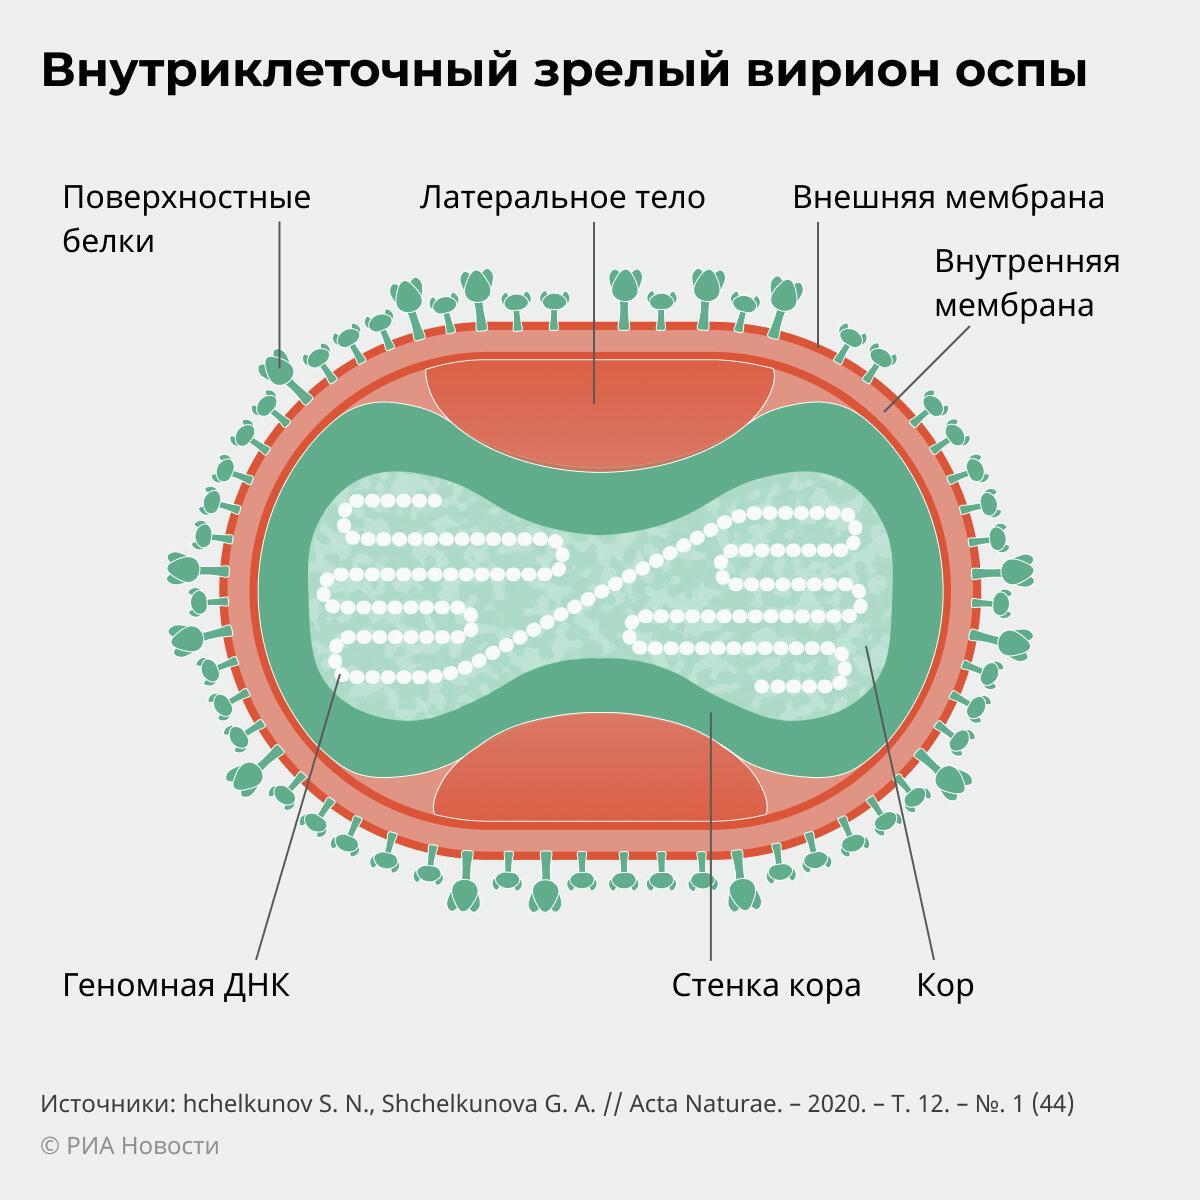 Внутриклеточный зрелый вирус оспы